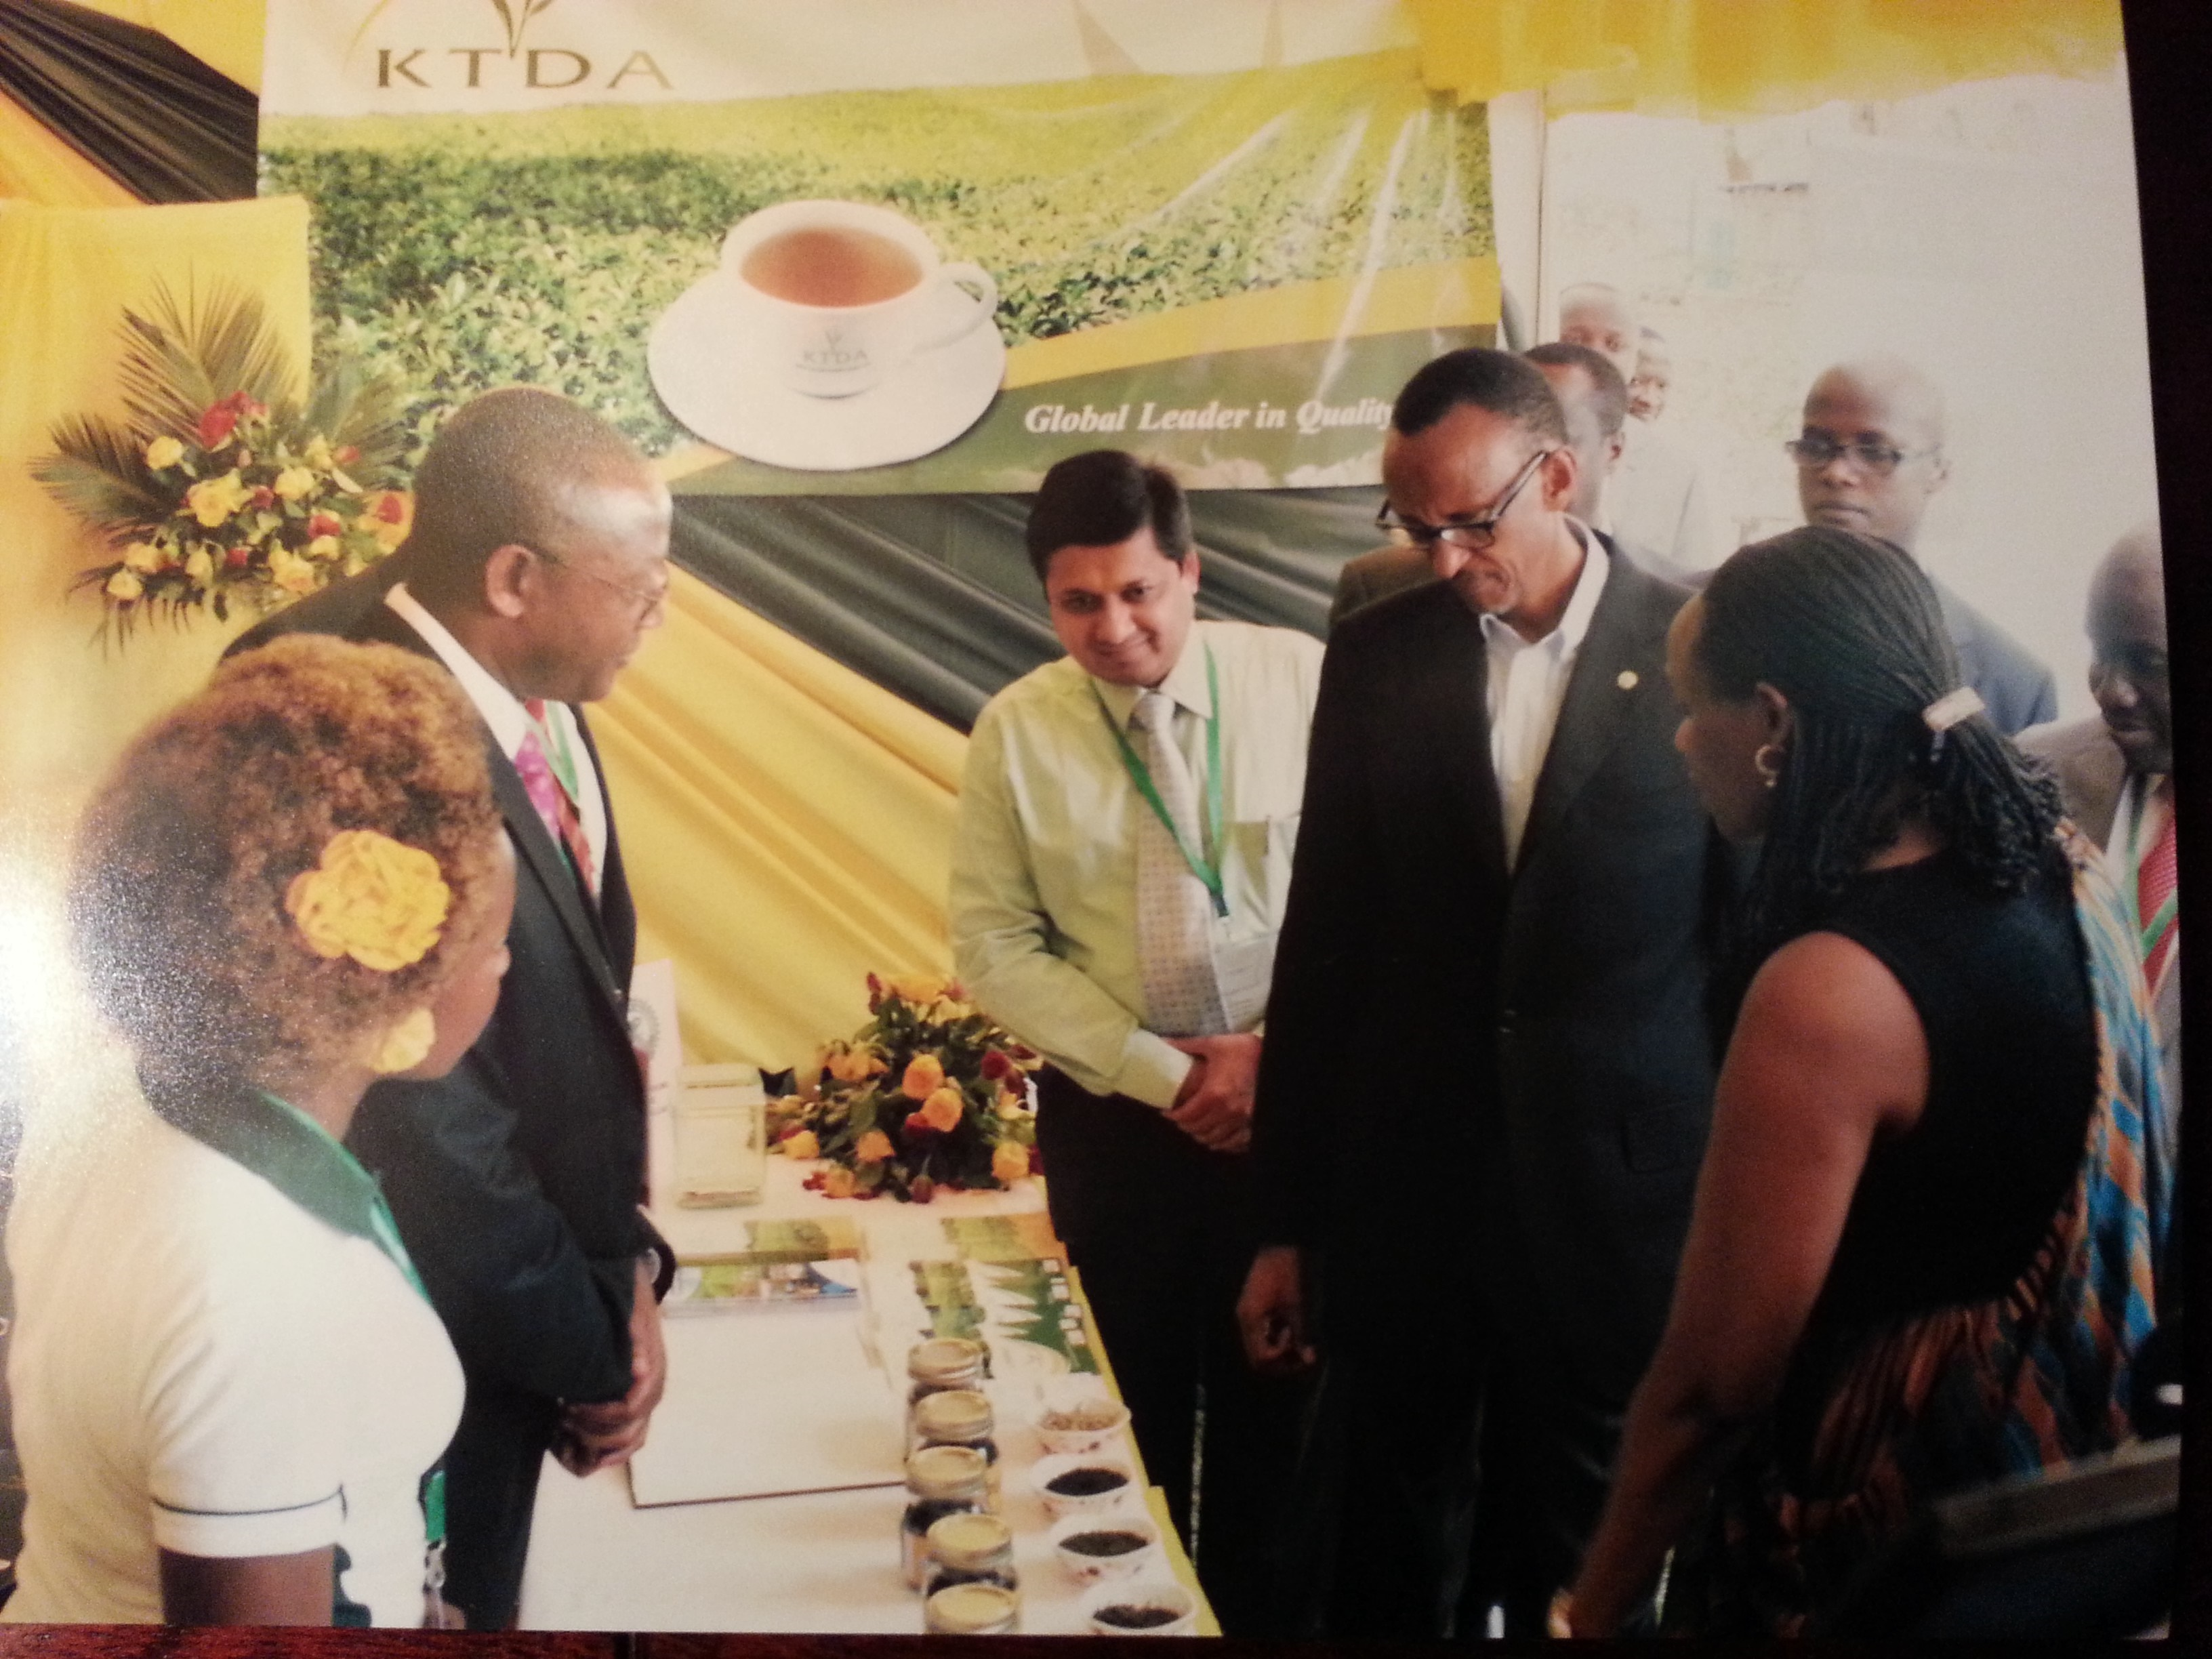 Mr. Paul Kagame